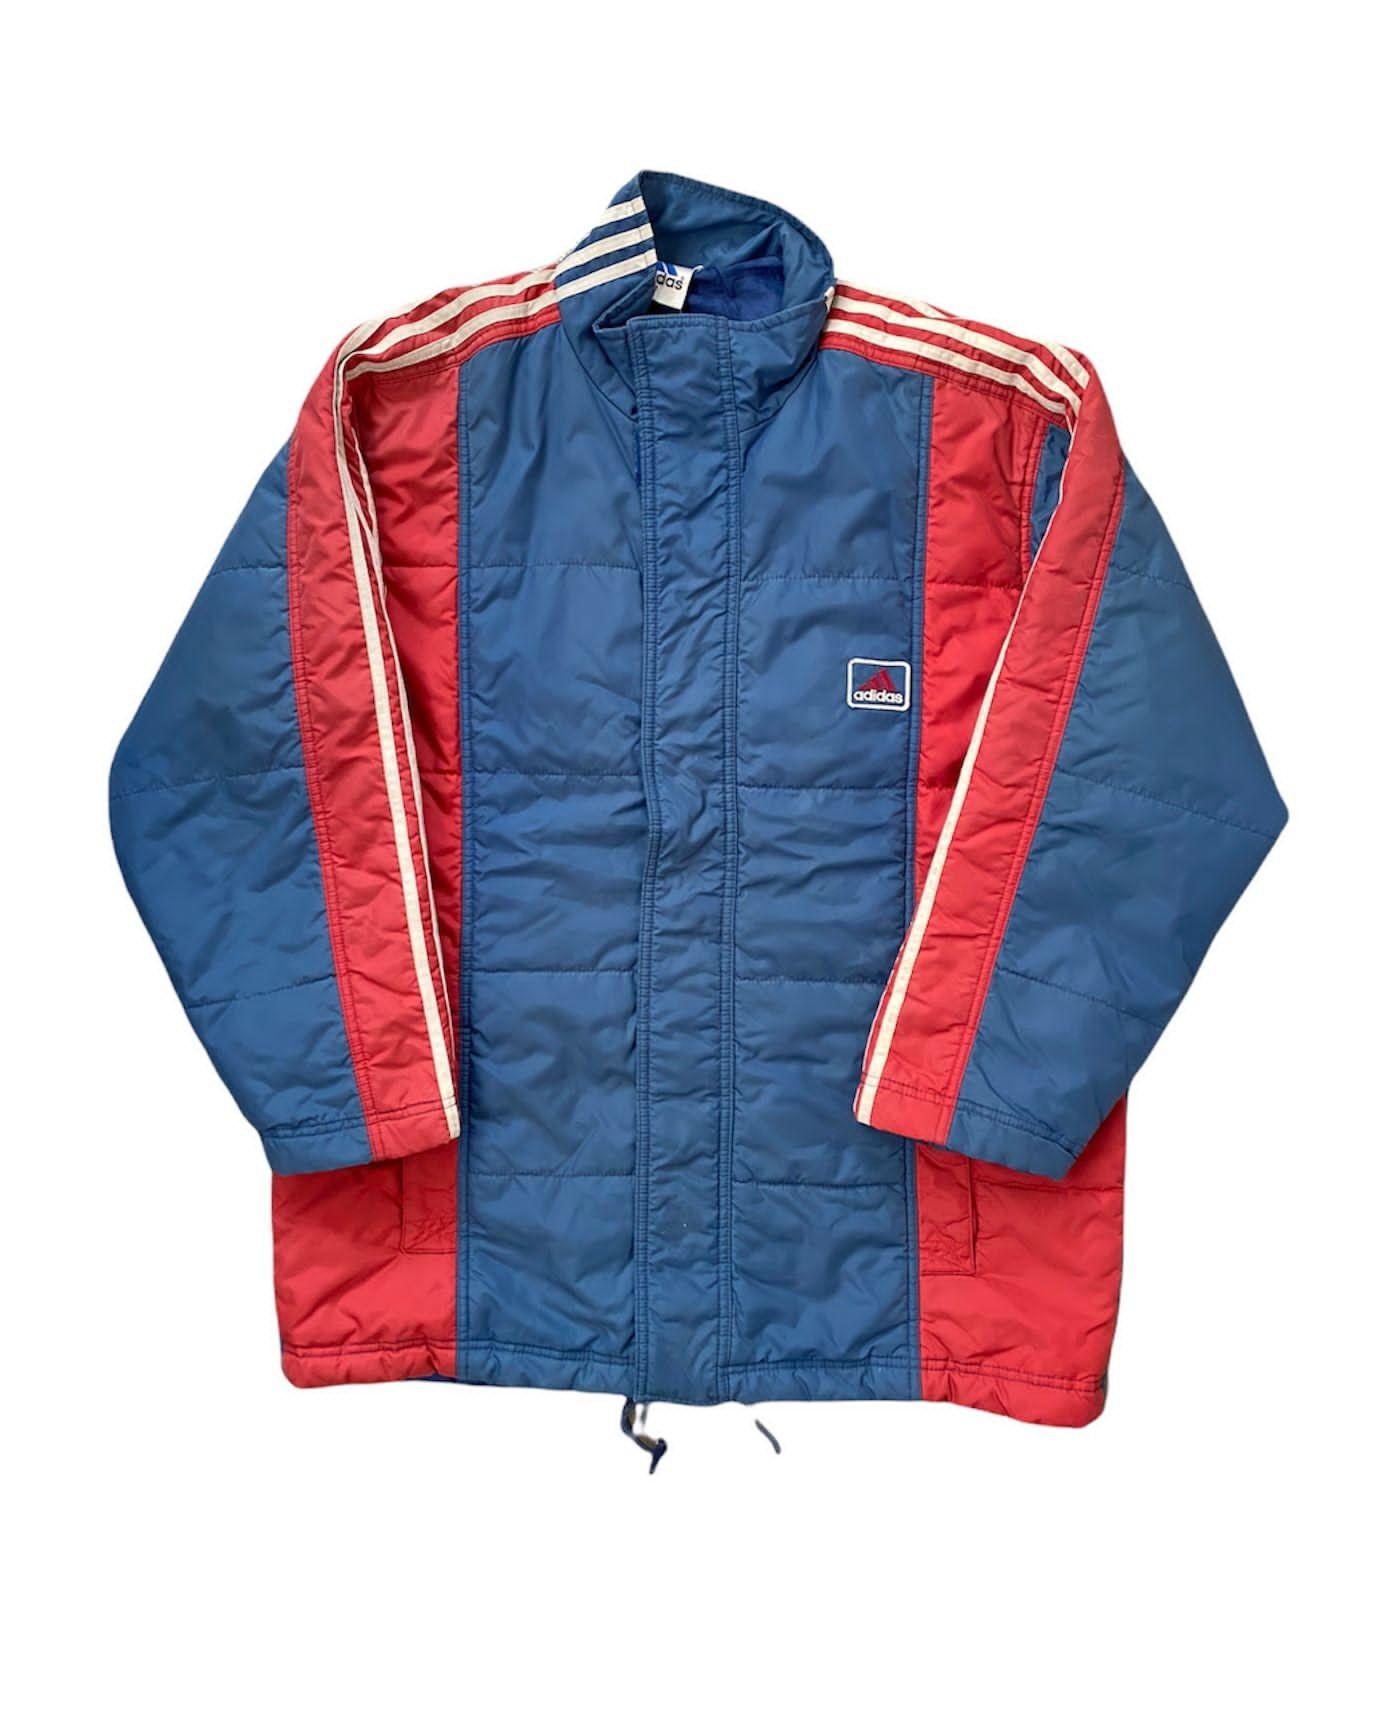 Adidas 90's Vintage Mont (L)